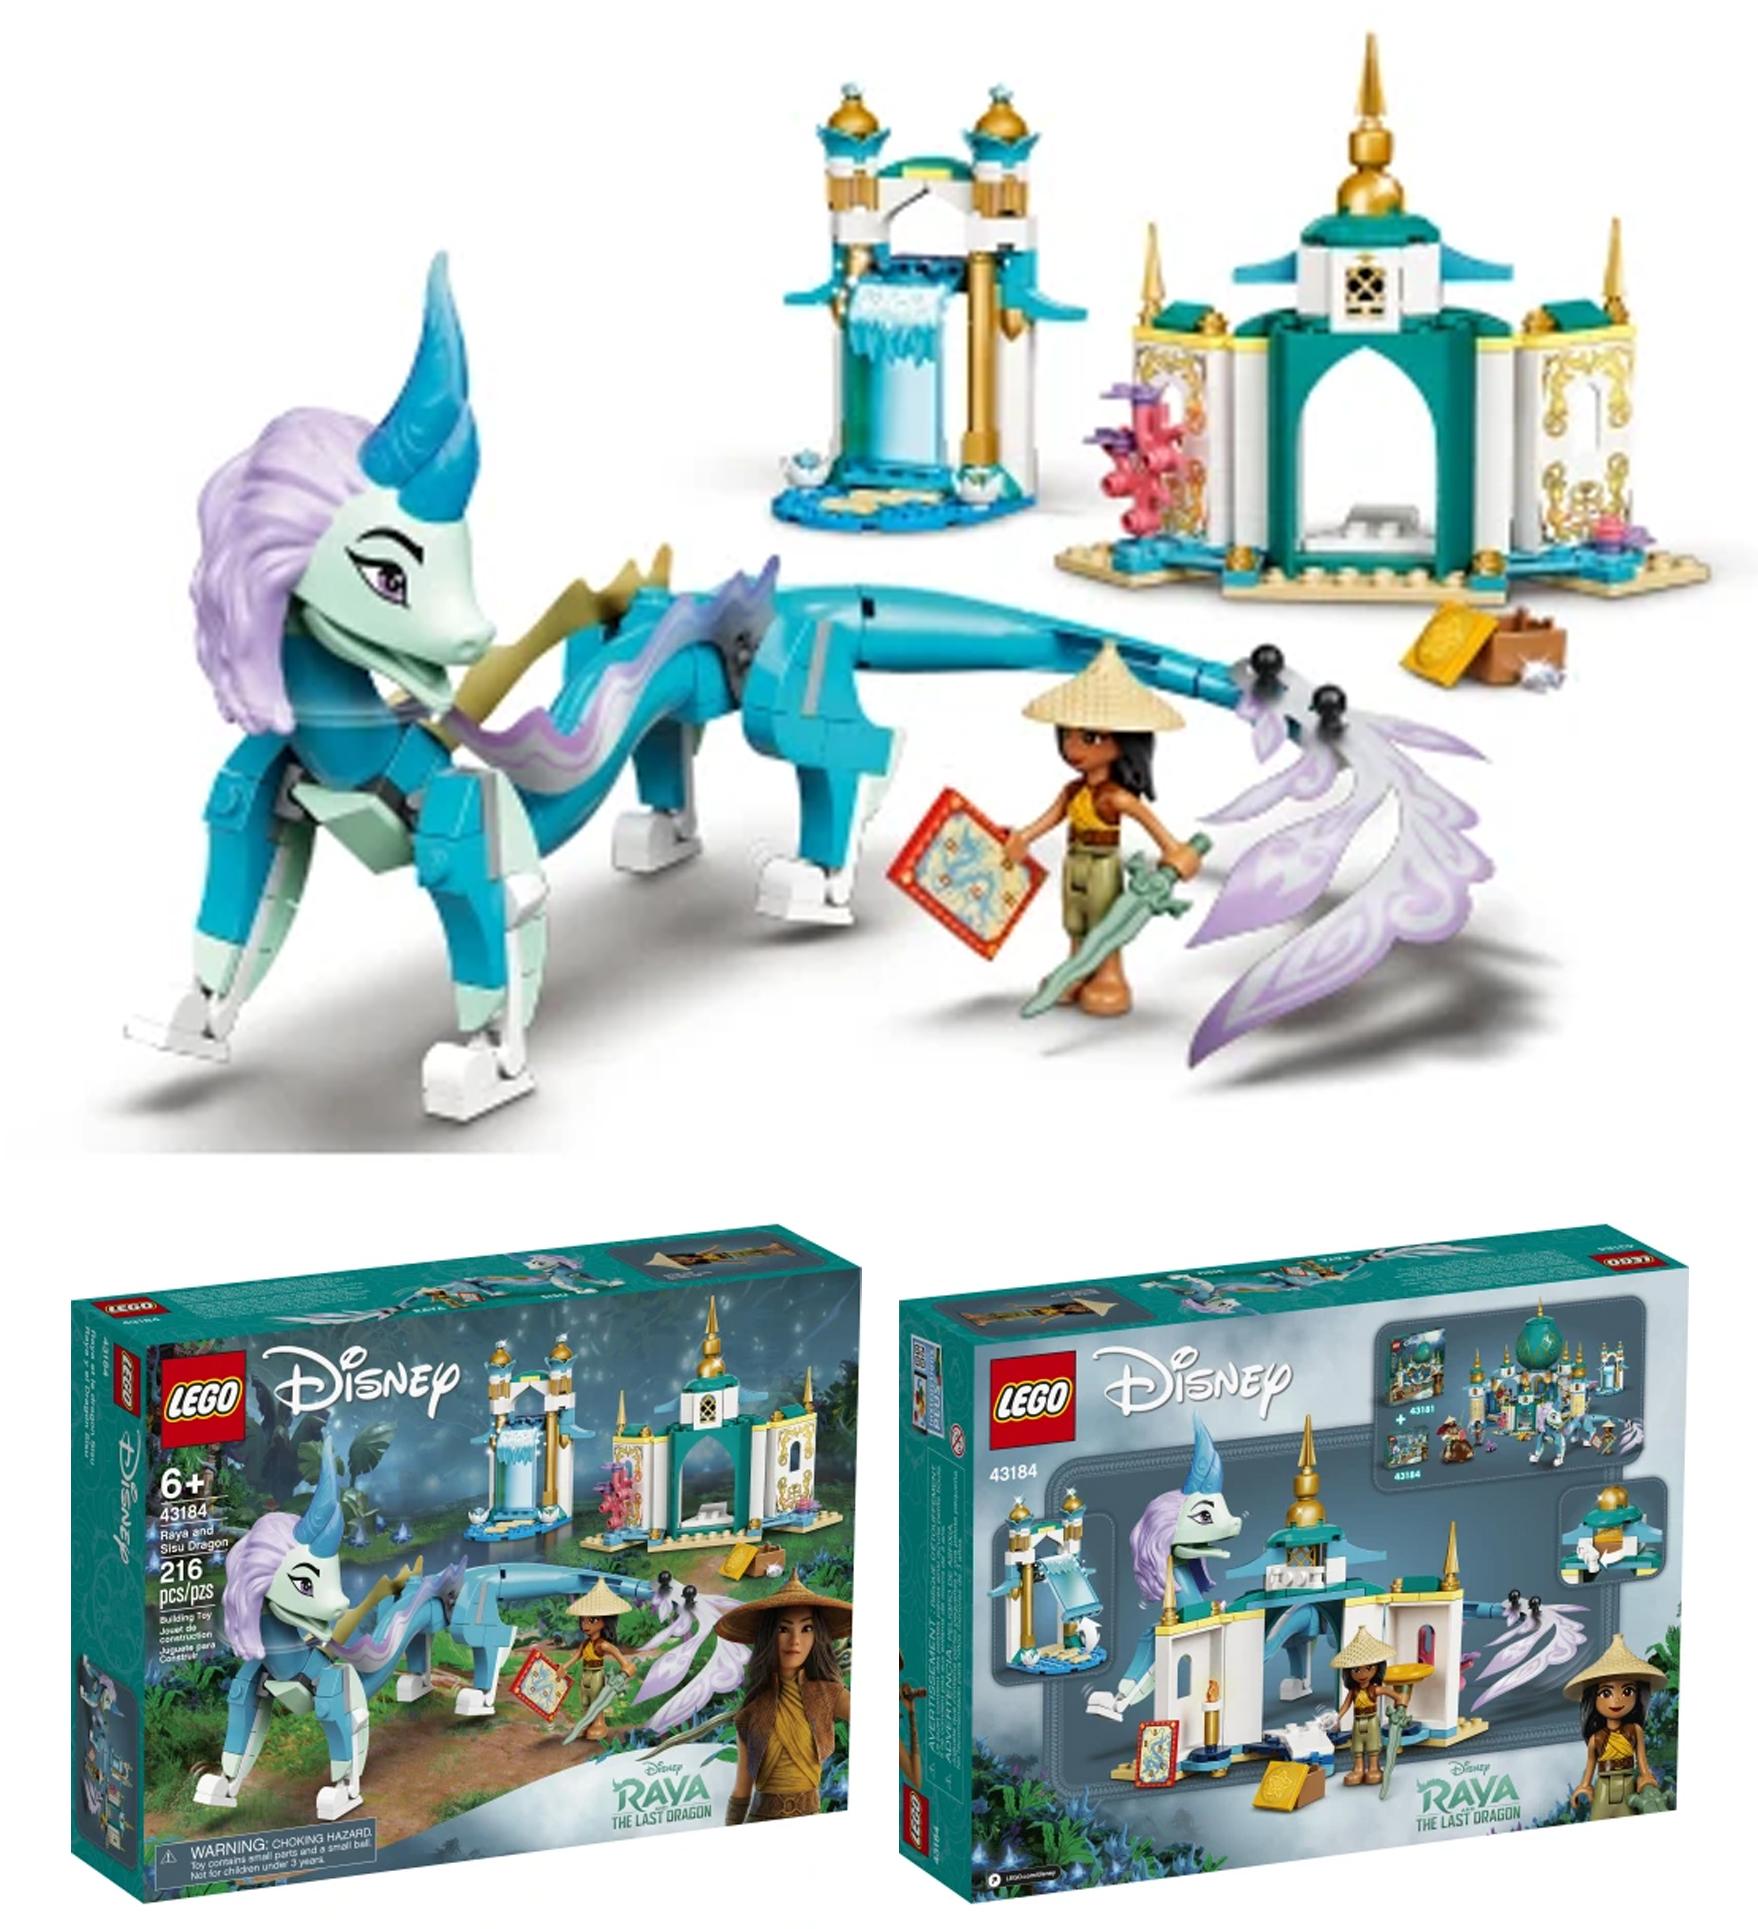 2021年3月レゴ ディズニープリンセス新製品情報:新作『ラーヤと龍の王国』発売